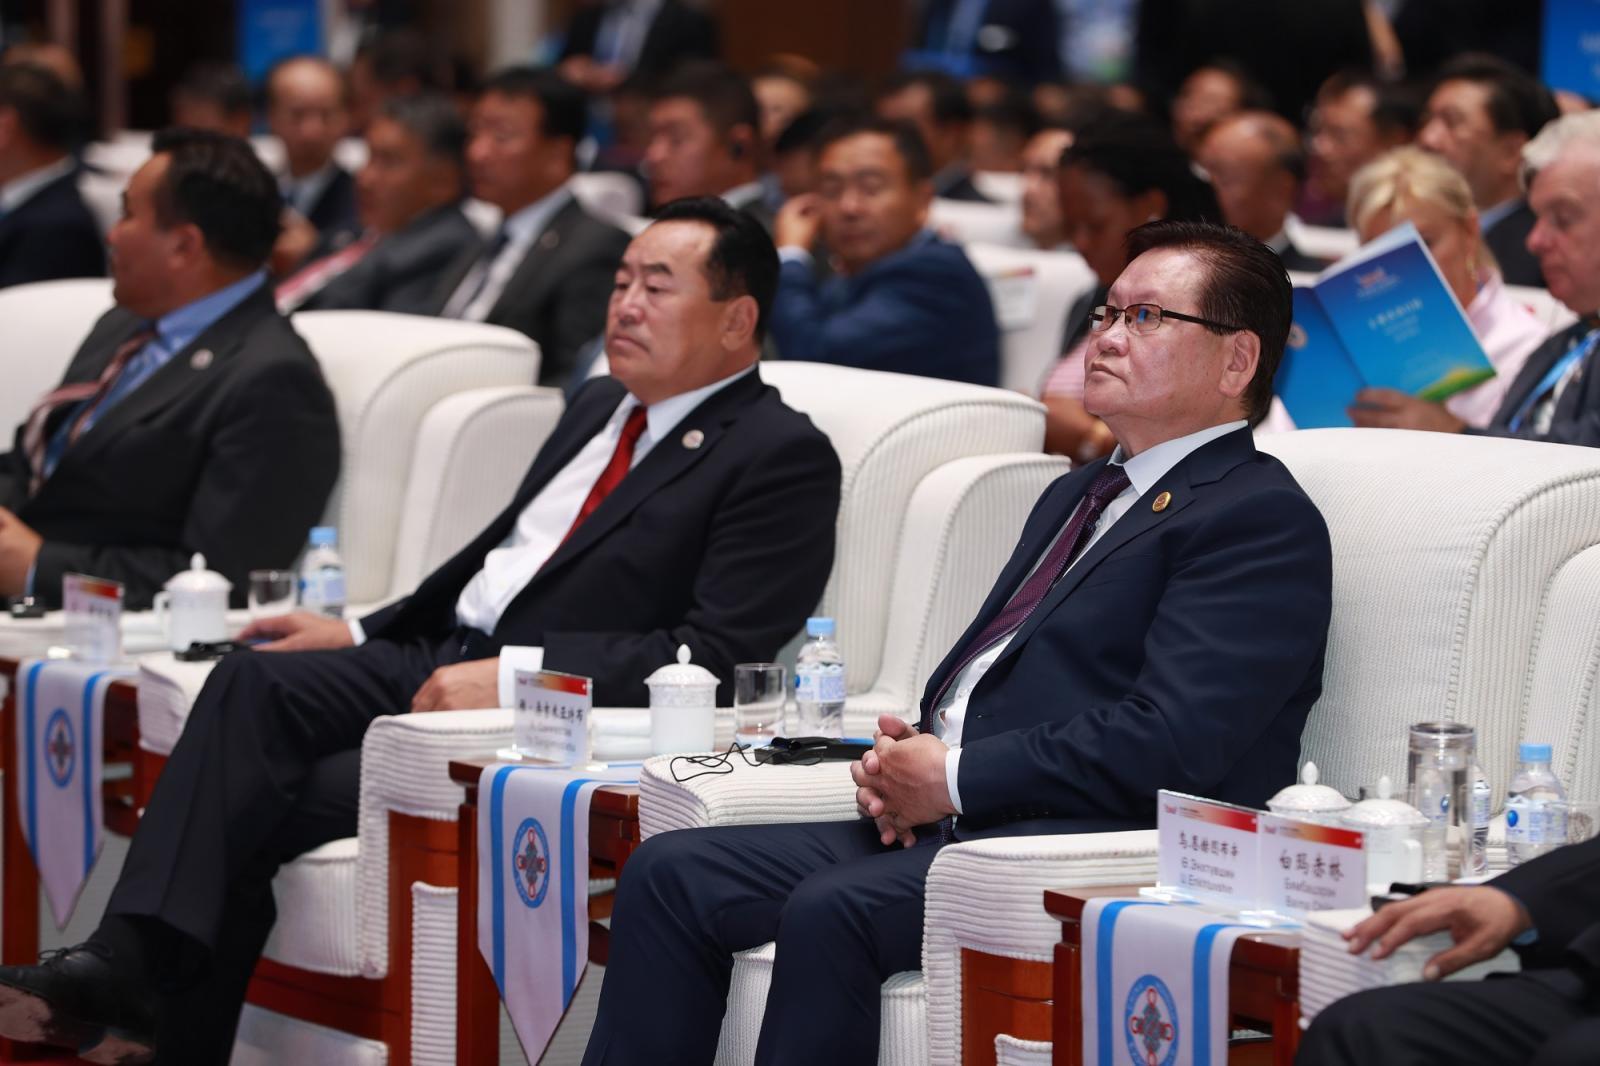 Нэмүү өртөг шингэсэн хөдөө аж ахуйн бүтээгдэхүүний худалдааг түлхүү хөгжүүлэхэд Монгол-Хятадын экспо онцгой ач холбогдолтой